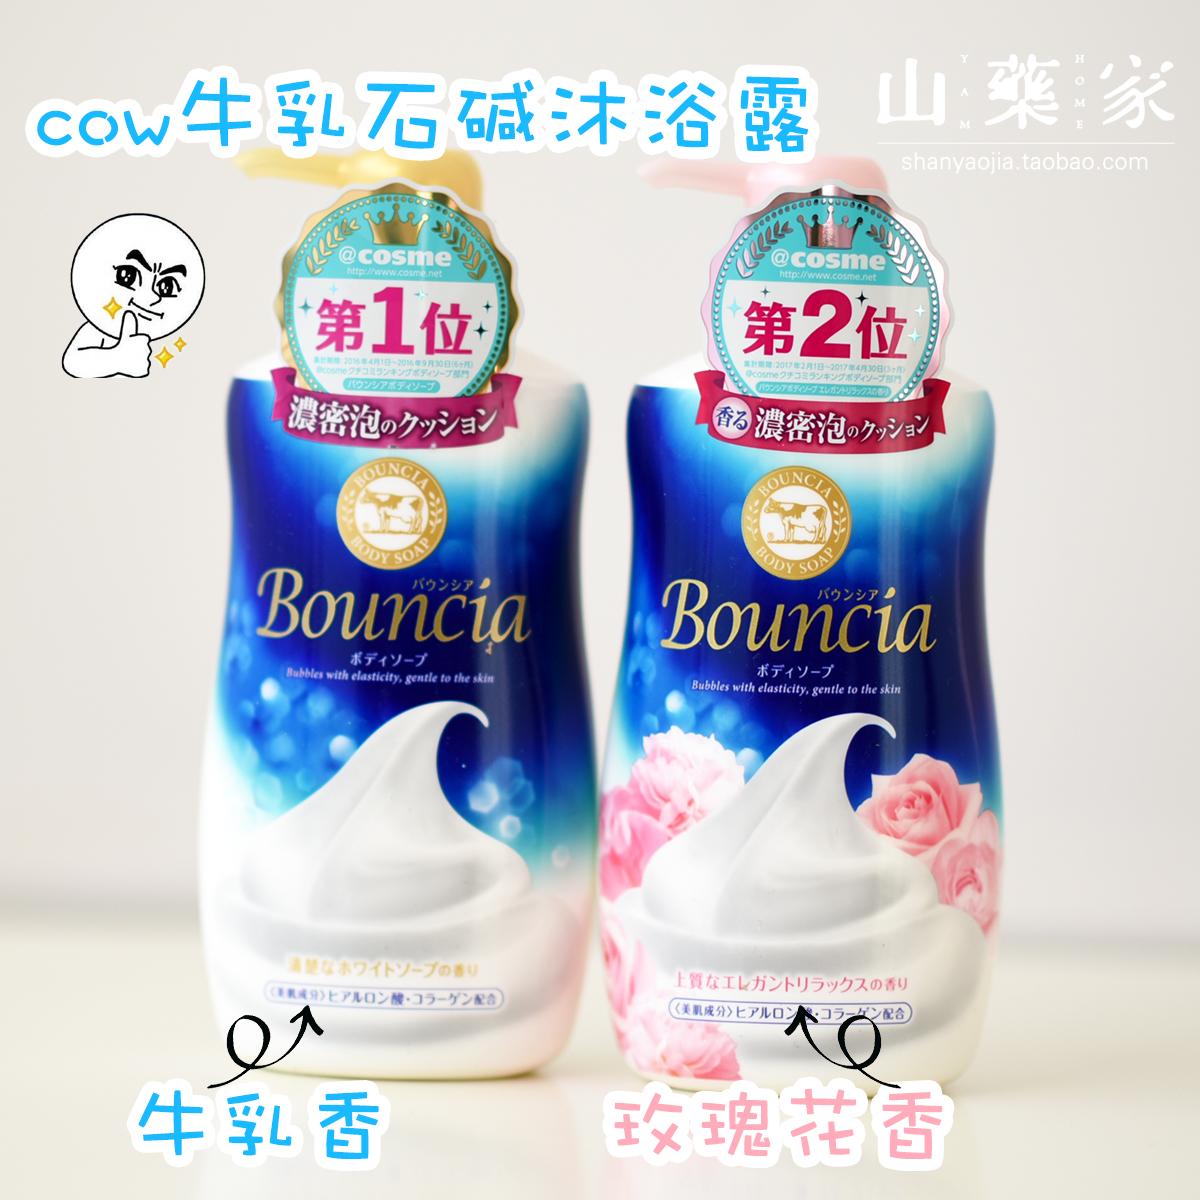 現貨日本COW牛牌 Bouncia石鹼牛乳濃密泡沫深層滋潤沐浴露 550ml